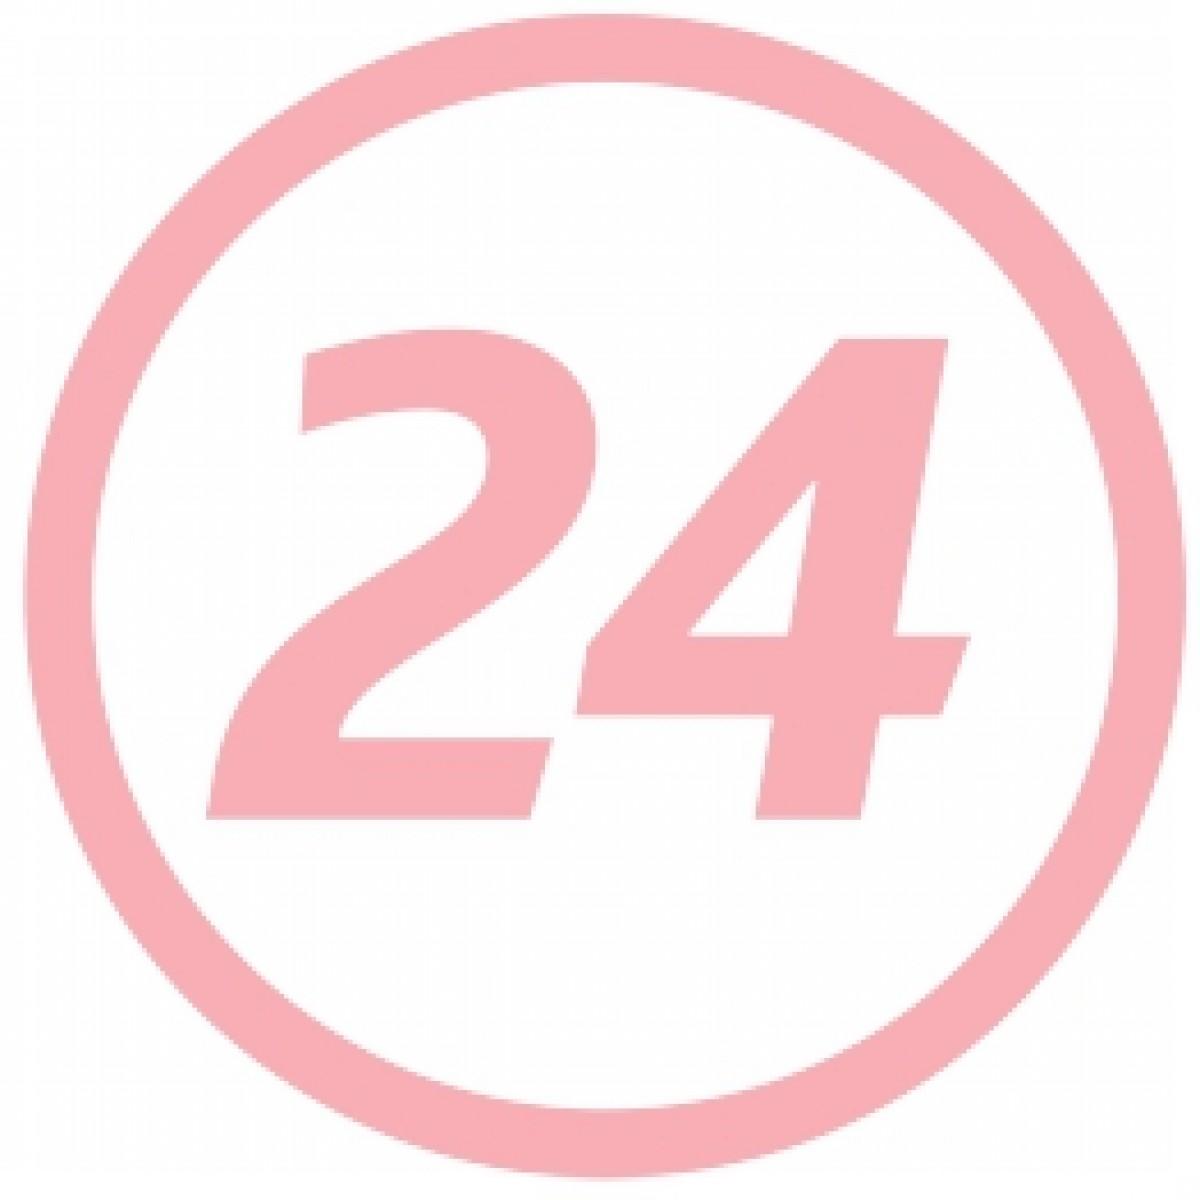 NUK Suzeta Din Silicon Happy Days Asortate, Marimea 2 (6-18 Luni), Suzeta, 1 buc